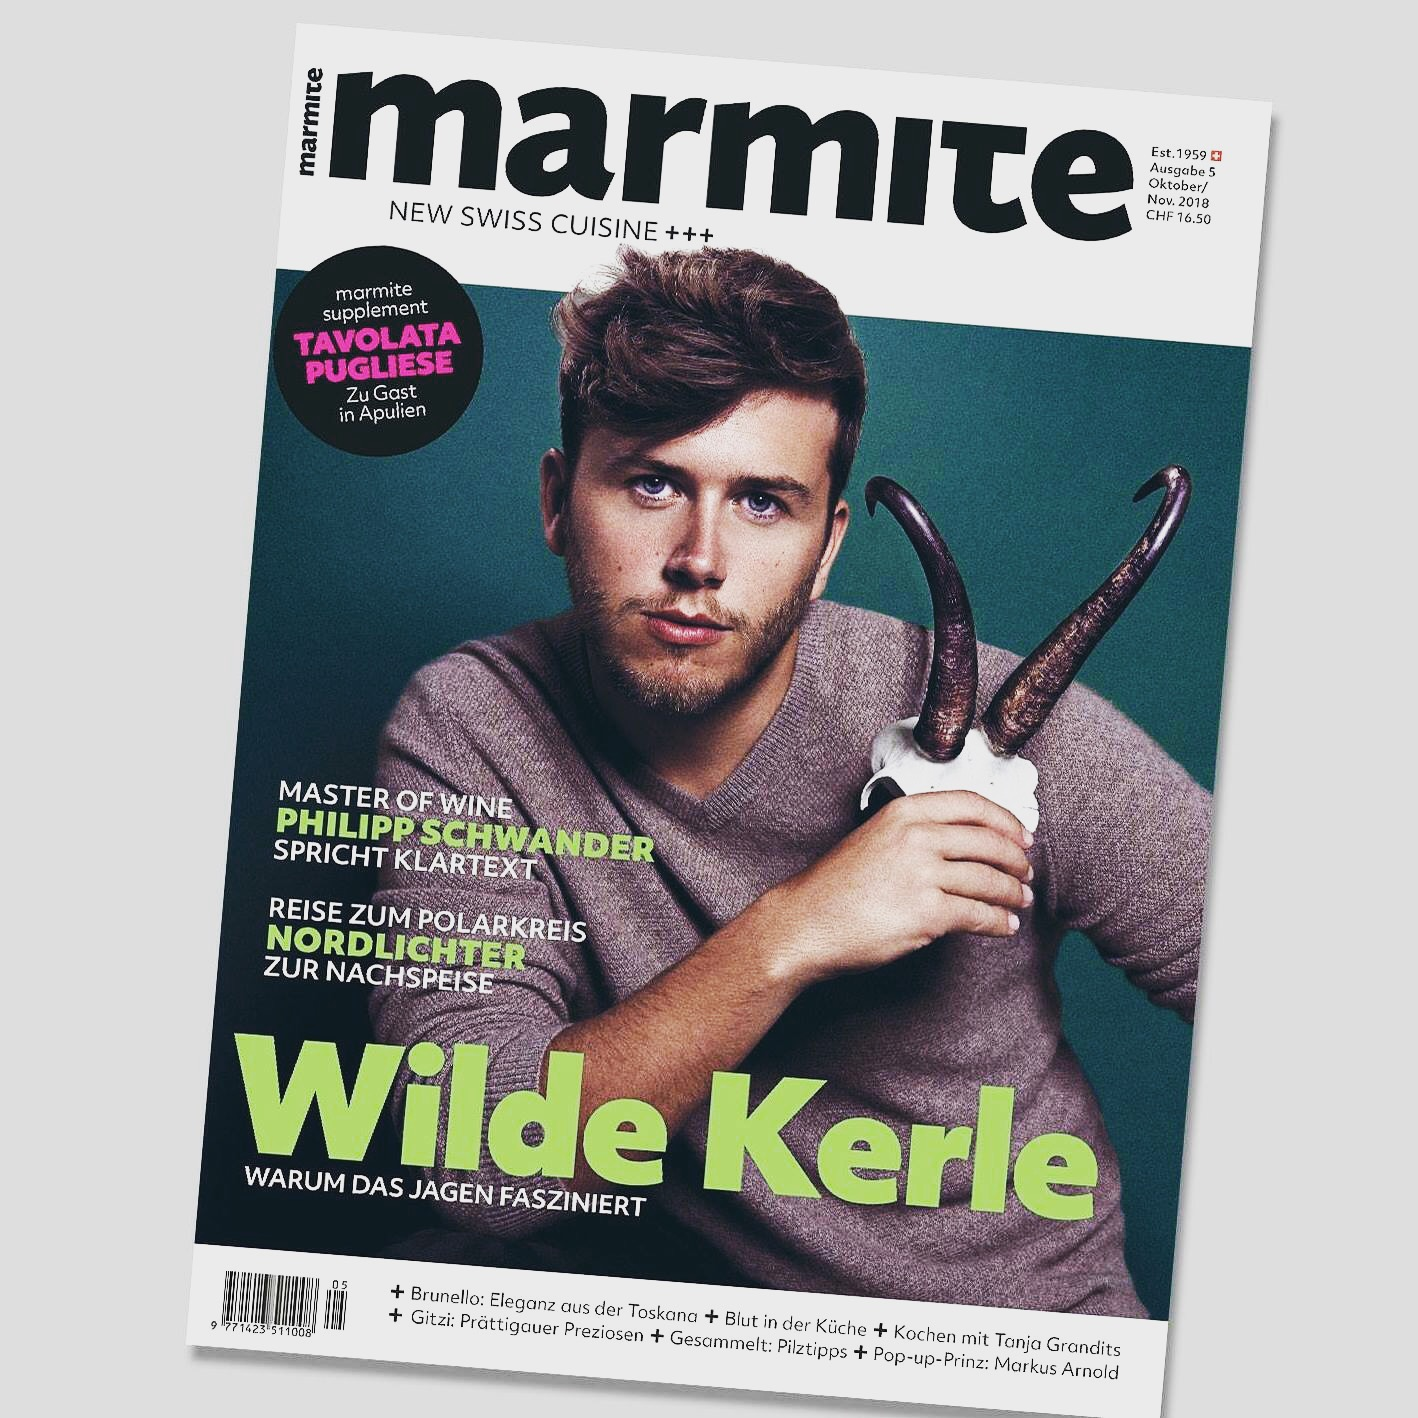 COVER STORY - Für das neue marmite Magazin war ich mit Jäger Roger Zogg unterwegs.